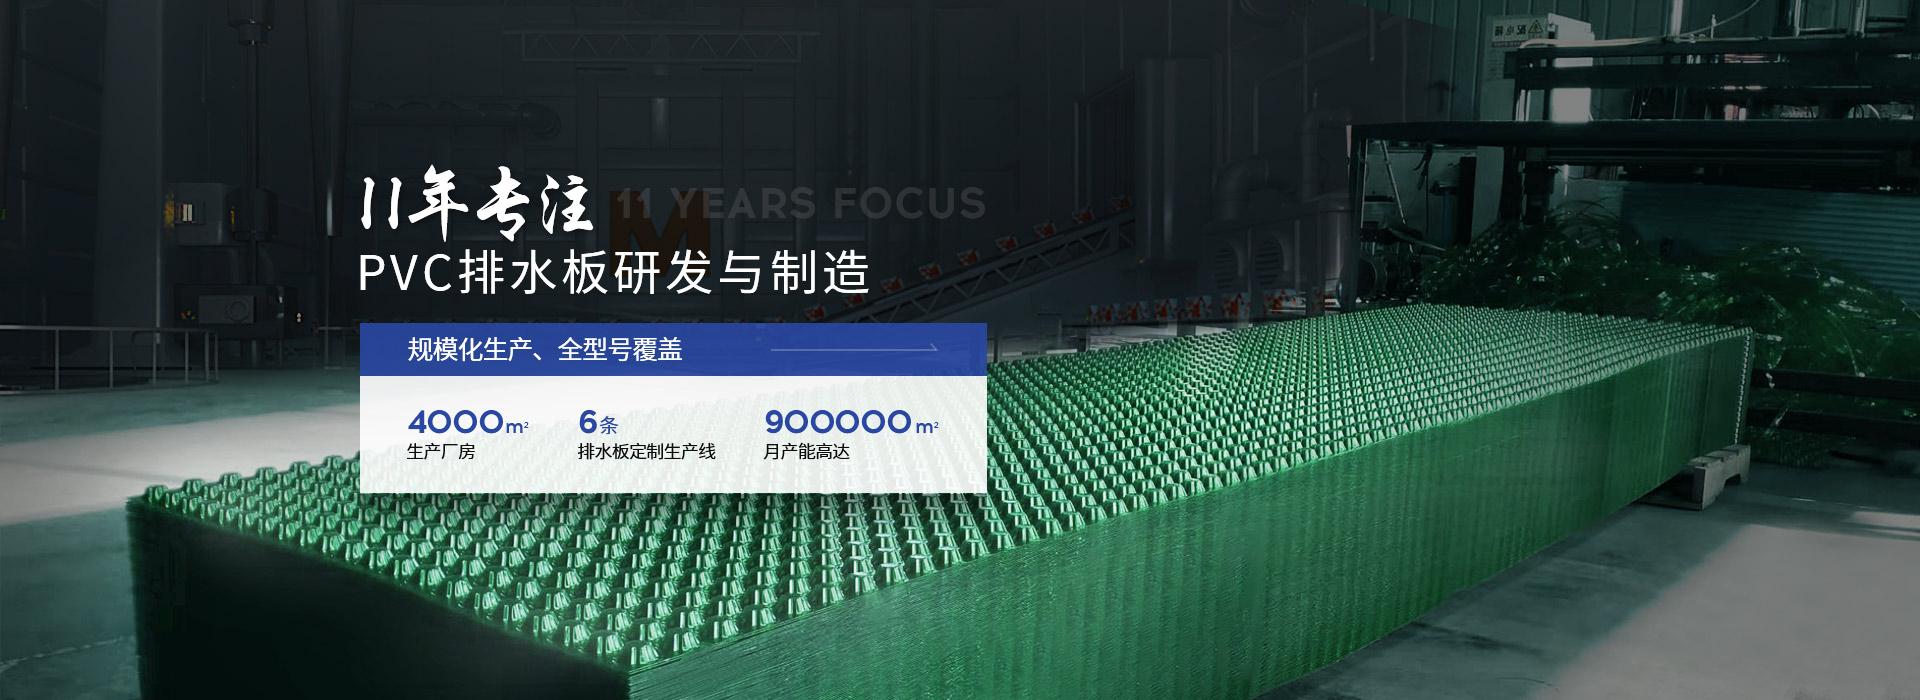 置顶PVC排水板11年专注PVC排水板研发与制造